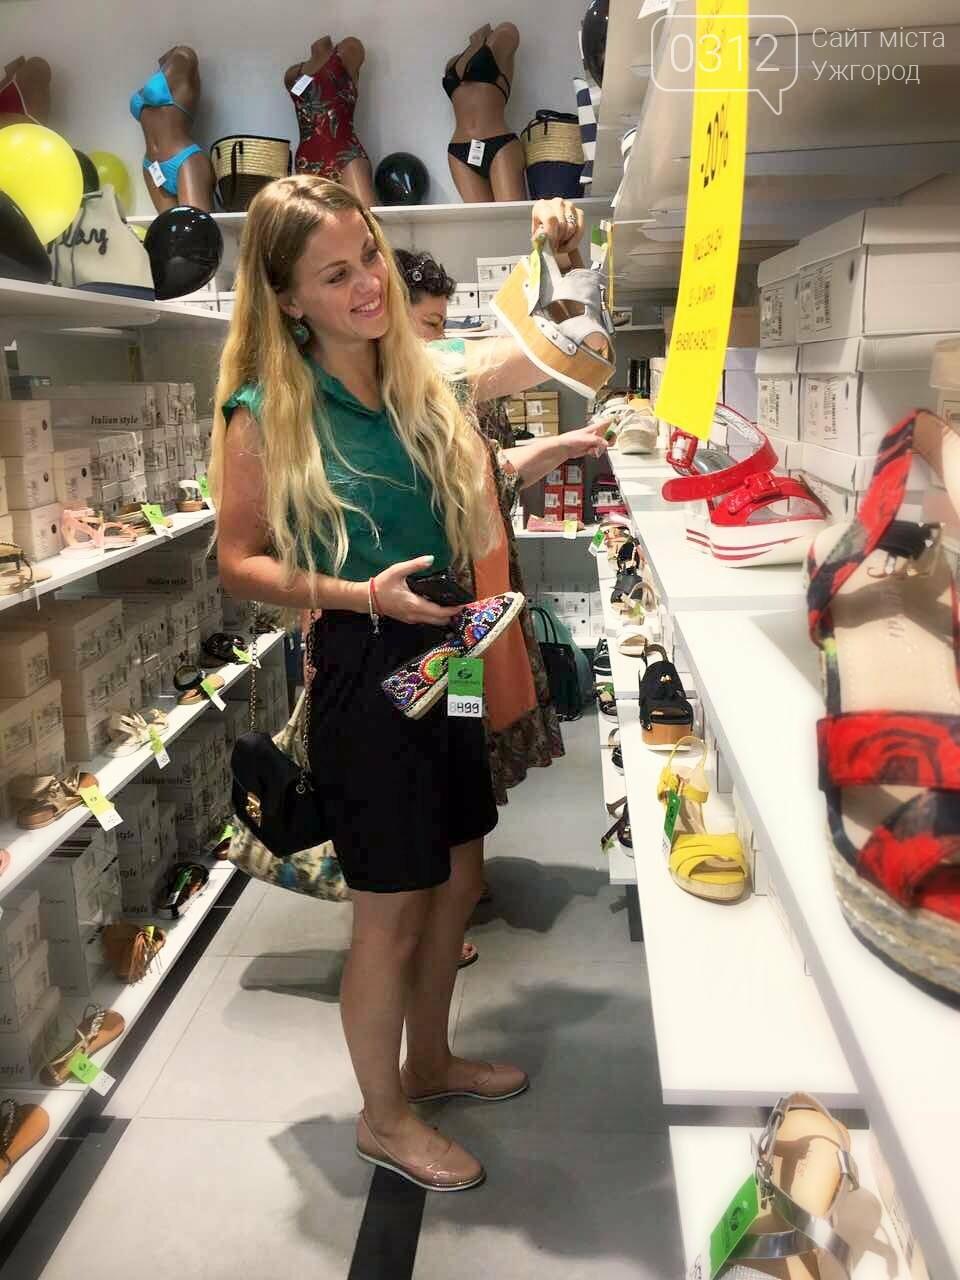 Шкіряне взуття за 399 .00 грн – реально!, фото-1